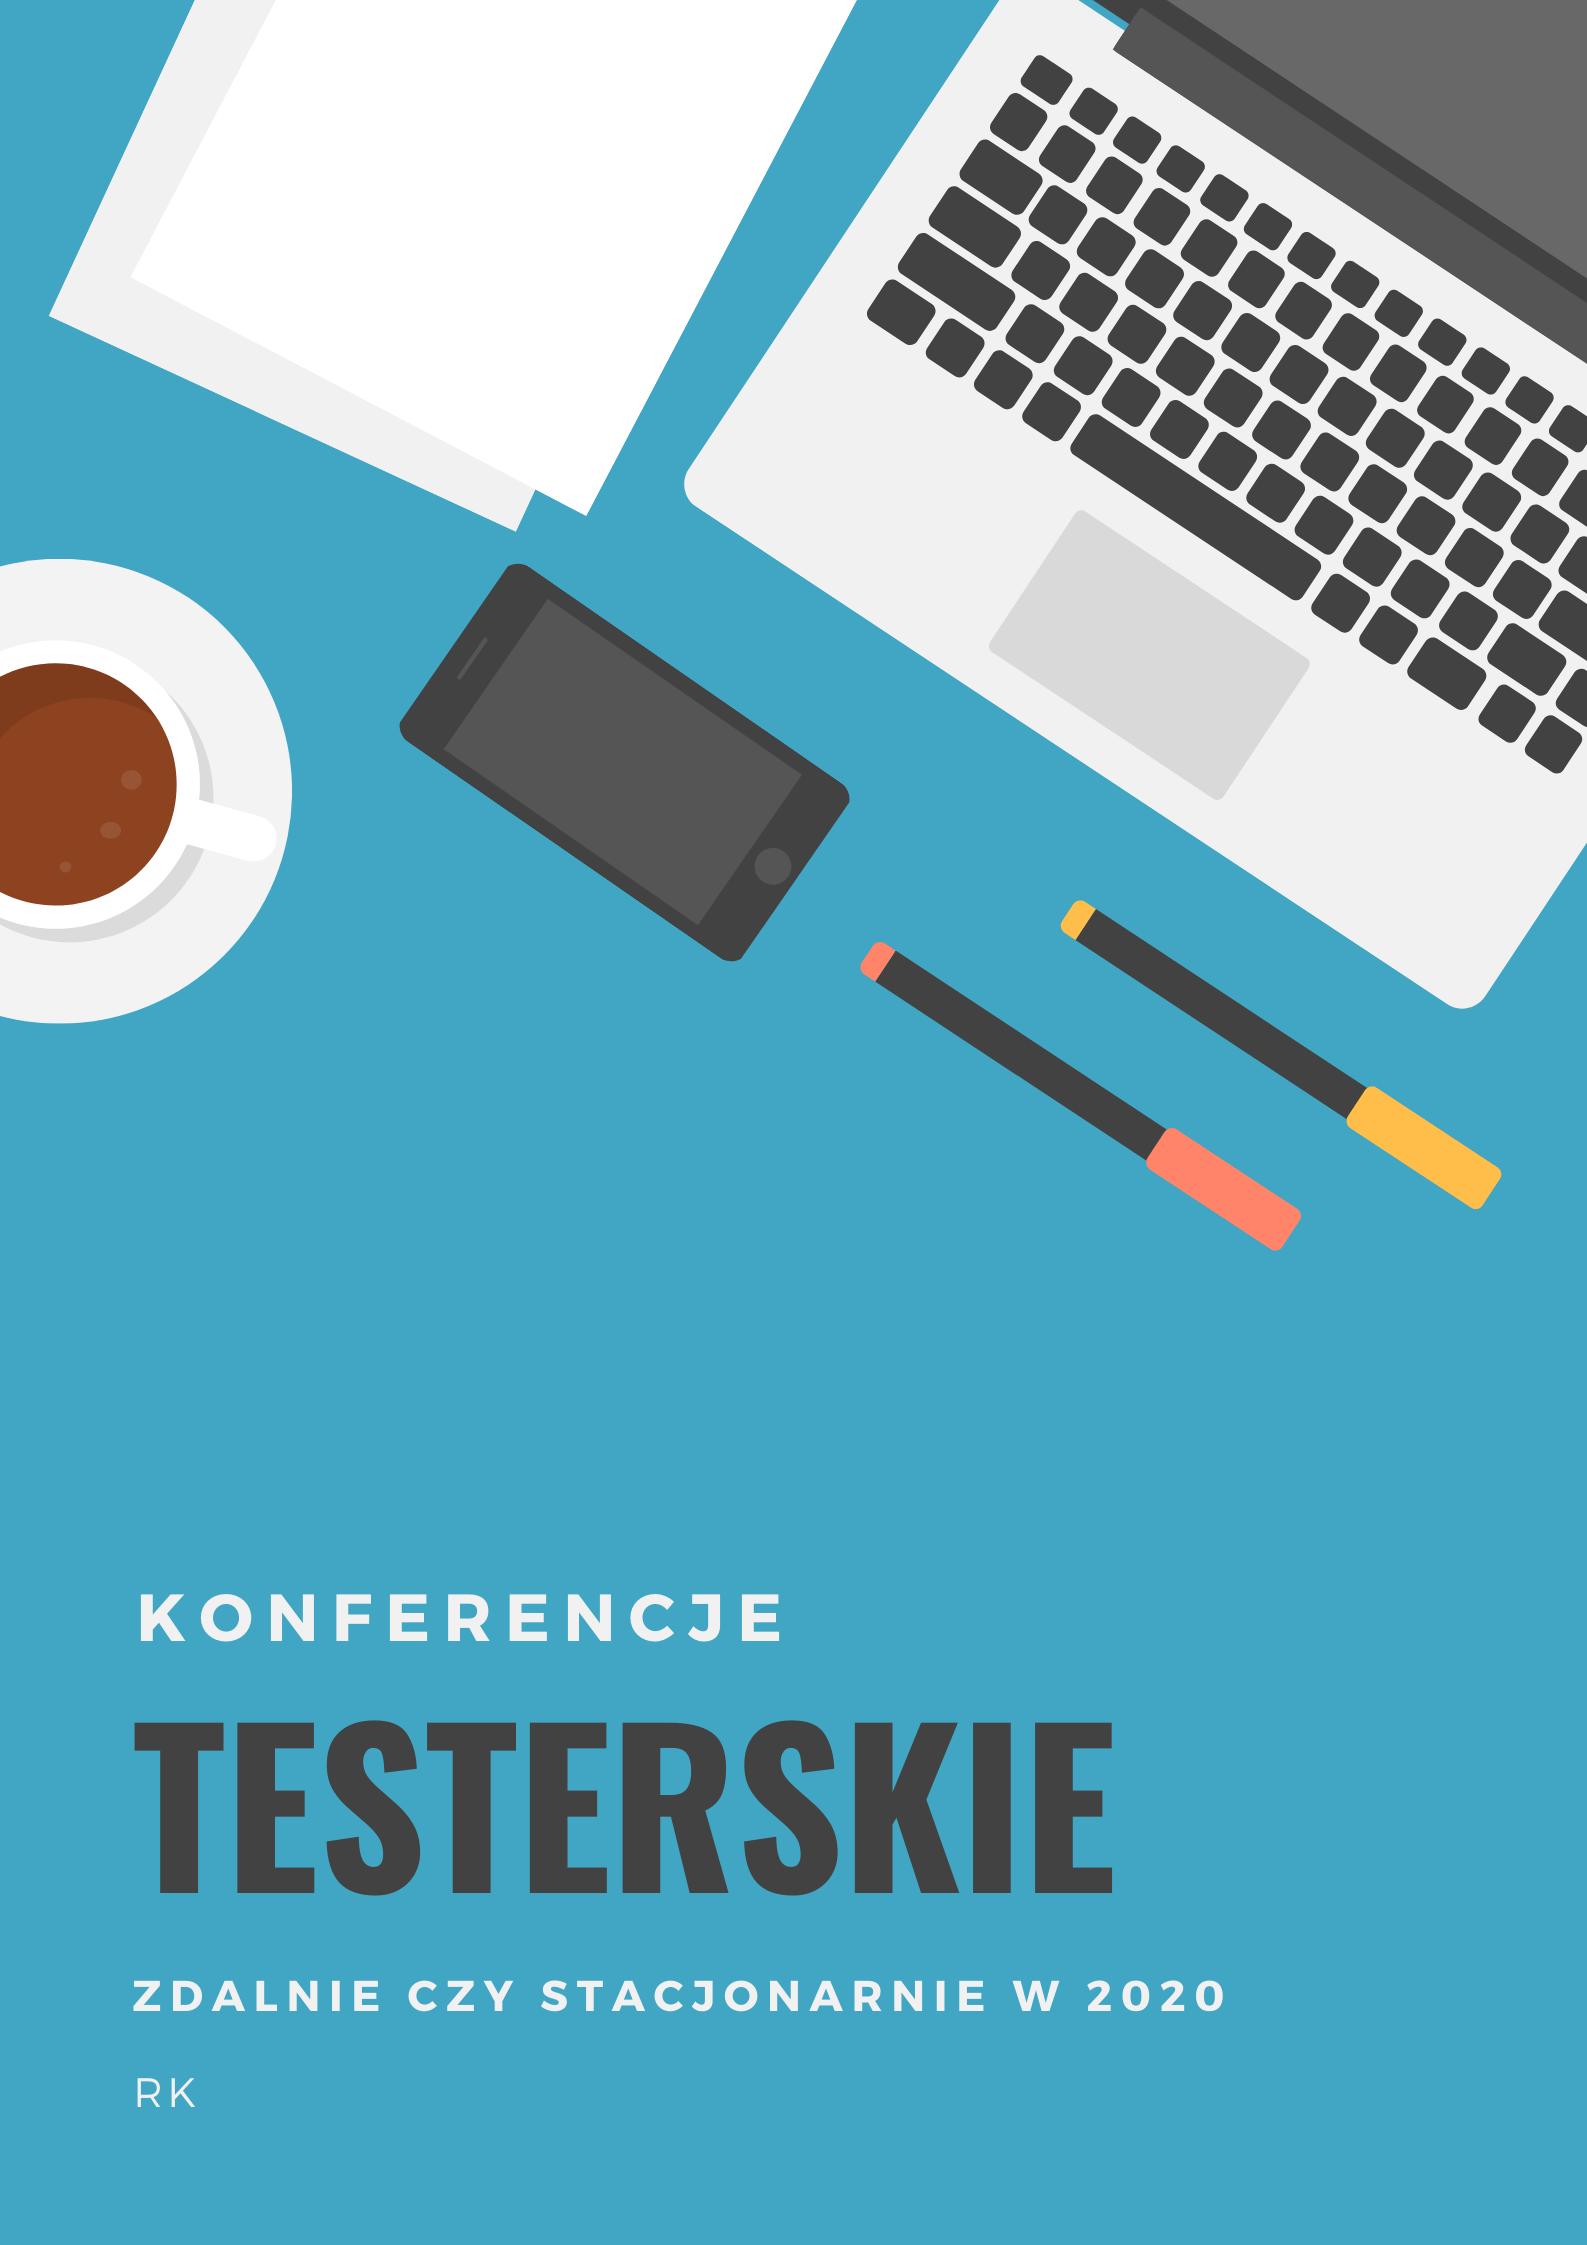 Konferencje dla testerów 2020 zdalnie czy stacjonarnie